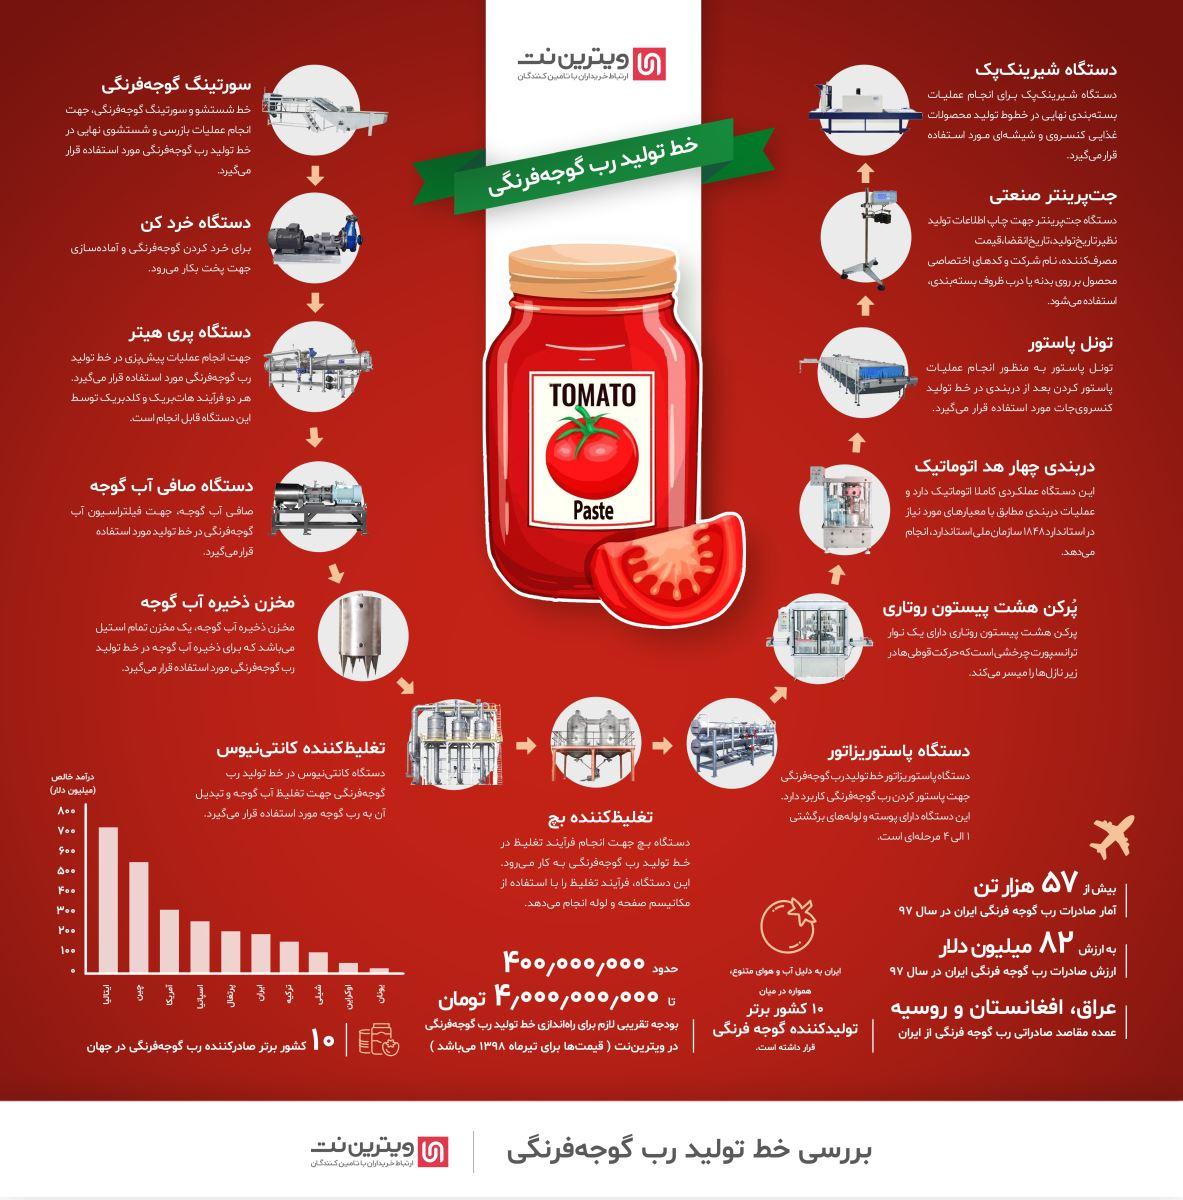 با توجه به مصرف زیاد رب گوجه فرنگی در ایران، راه اندازی خط تولید رب گوجه فرنگی میتواند سود زیادی به همراه داشته باشد.